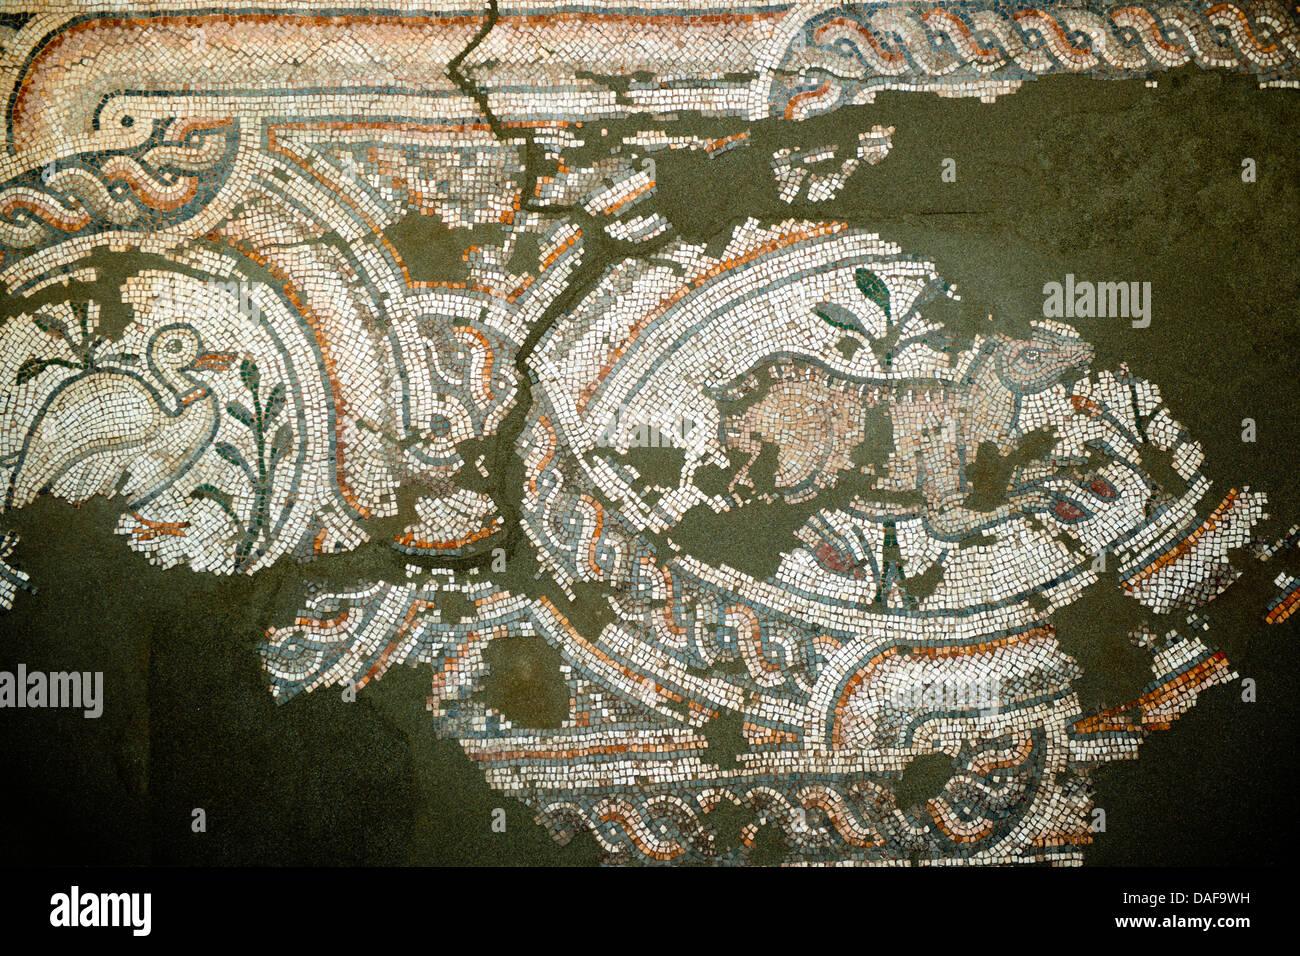 Türkei, Provinz Icel (Mersin), Anamur, Archäologisches Museum. Das kleine Museum im Ortsteil Iskele - Stock Image